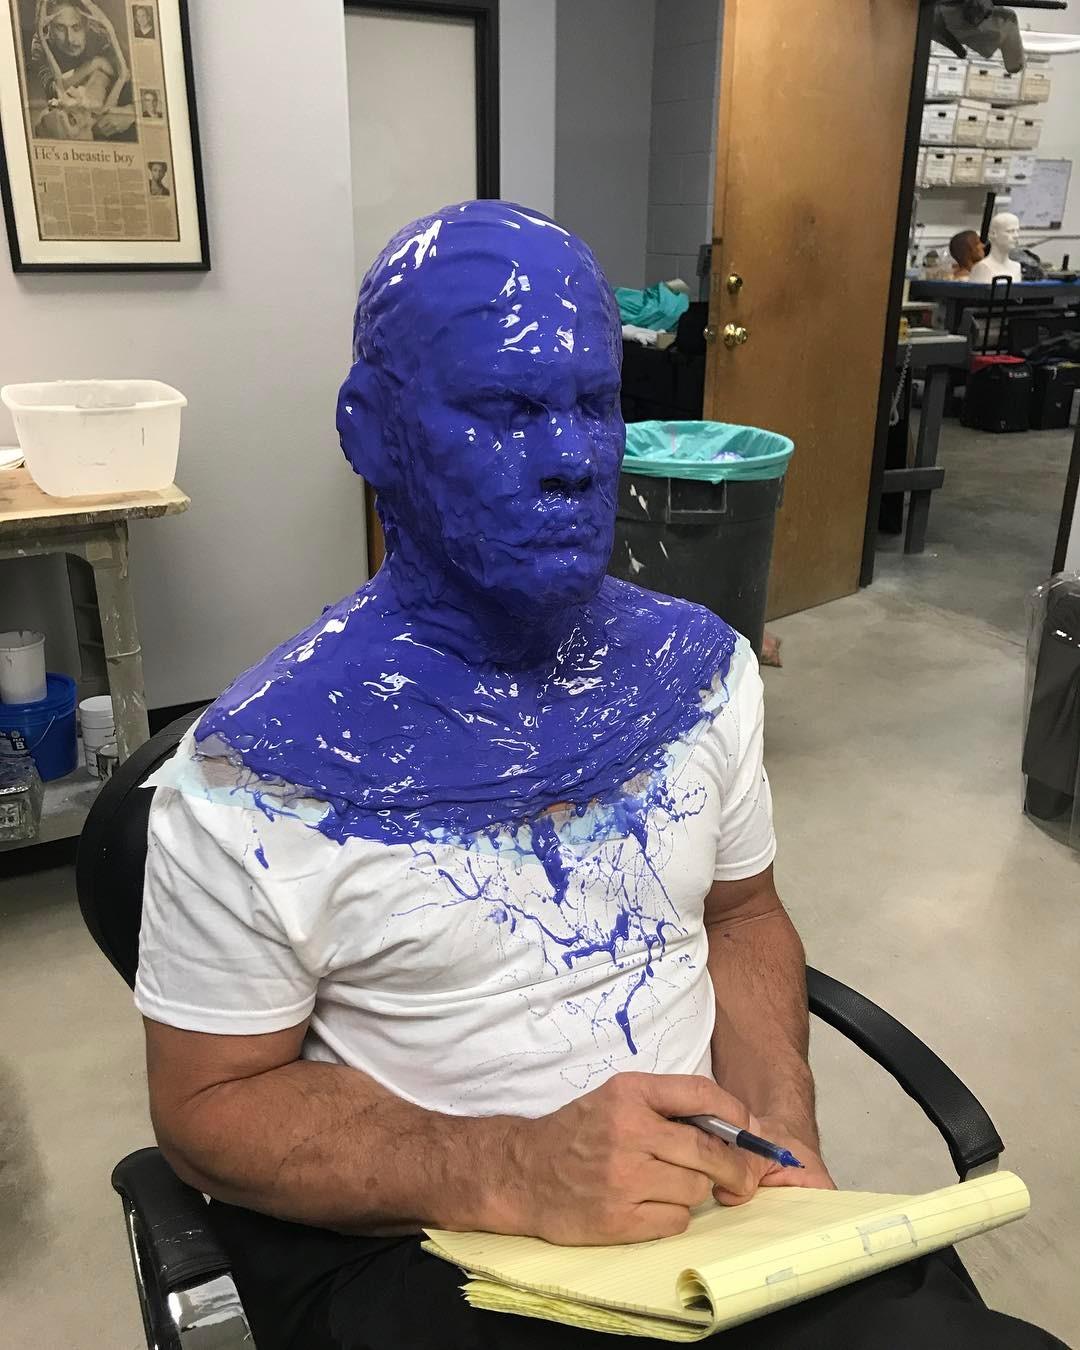 20張「演員被特效技術惡整」的電影幕後照片 薩諾斯的臉上直接佈滿超密集的「傳感器」!